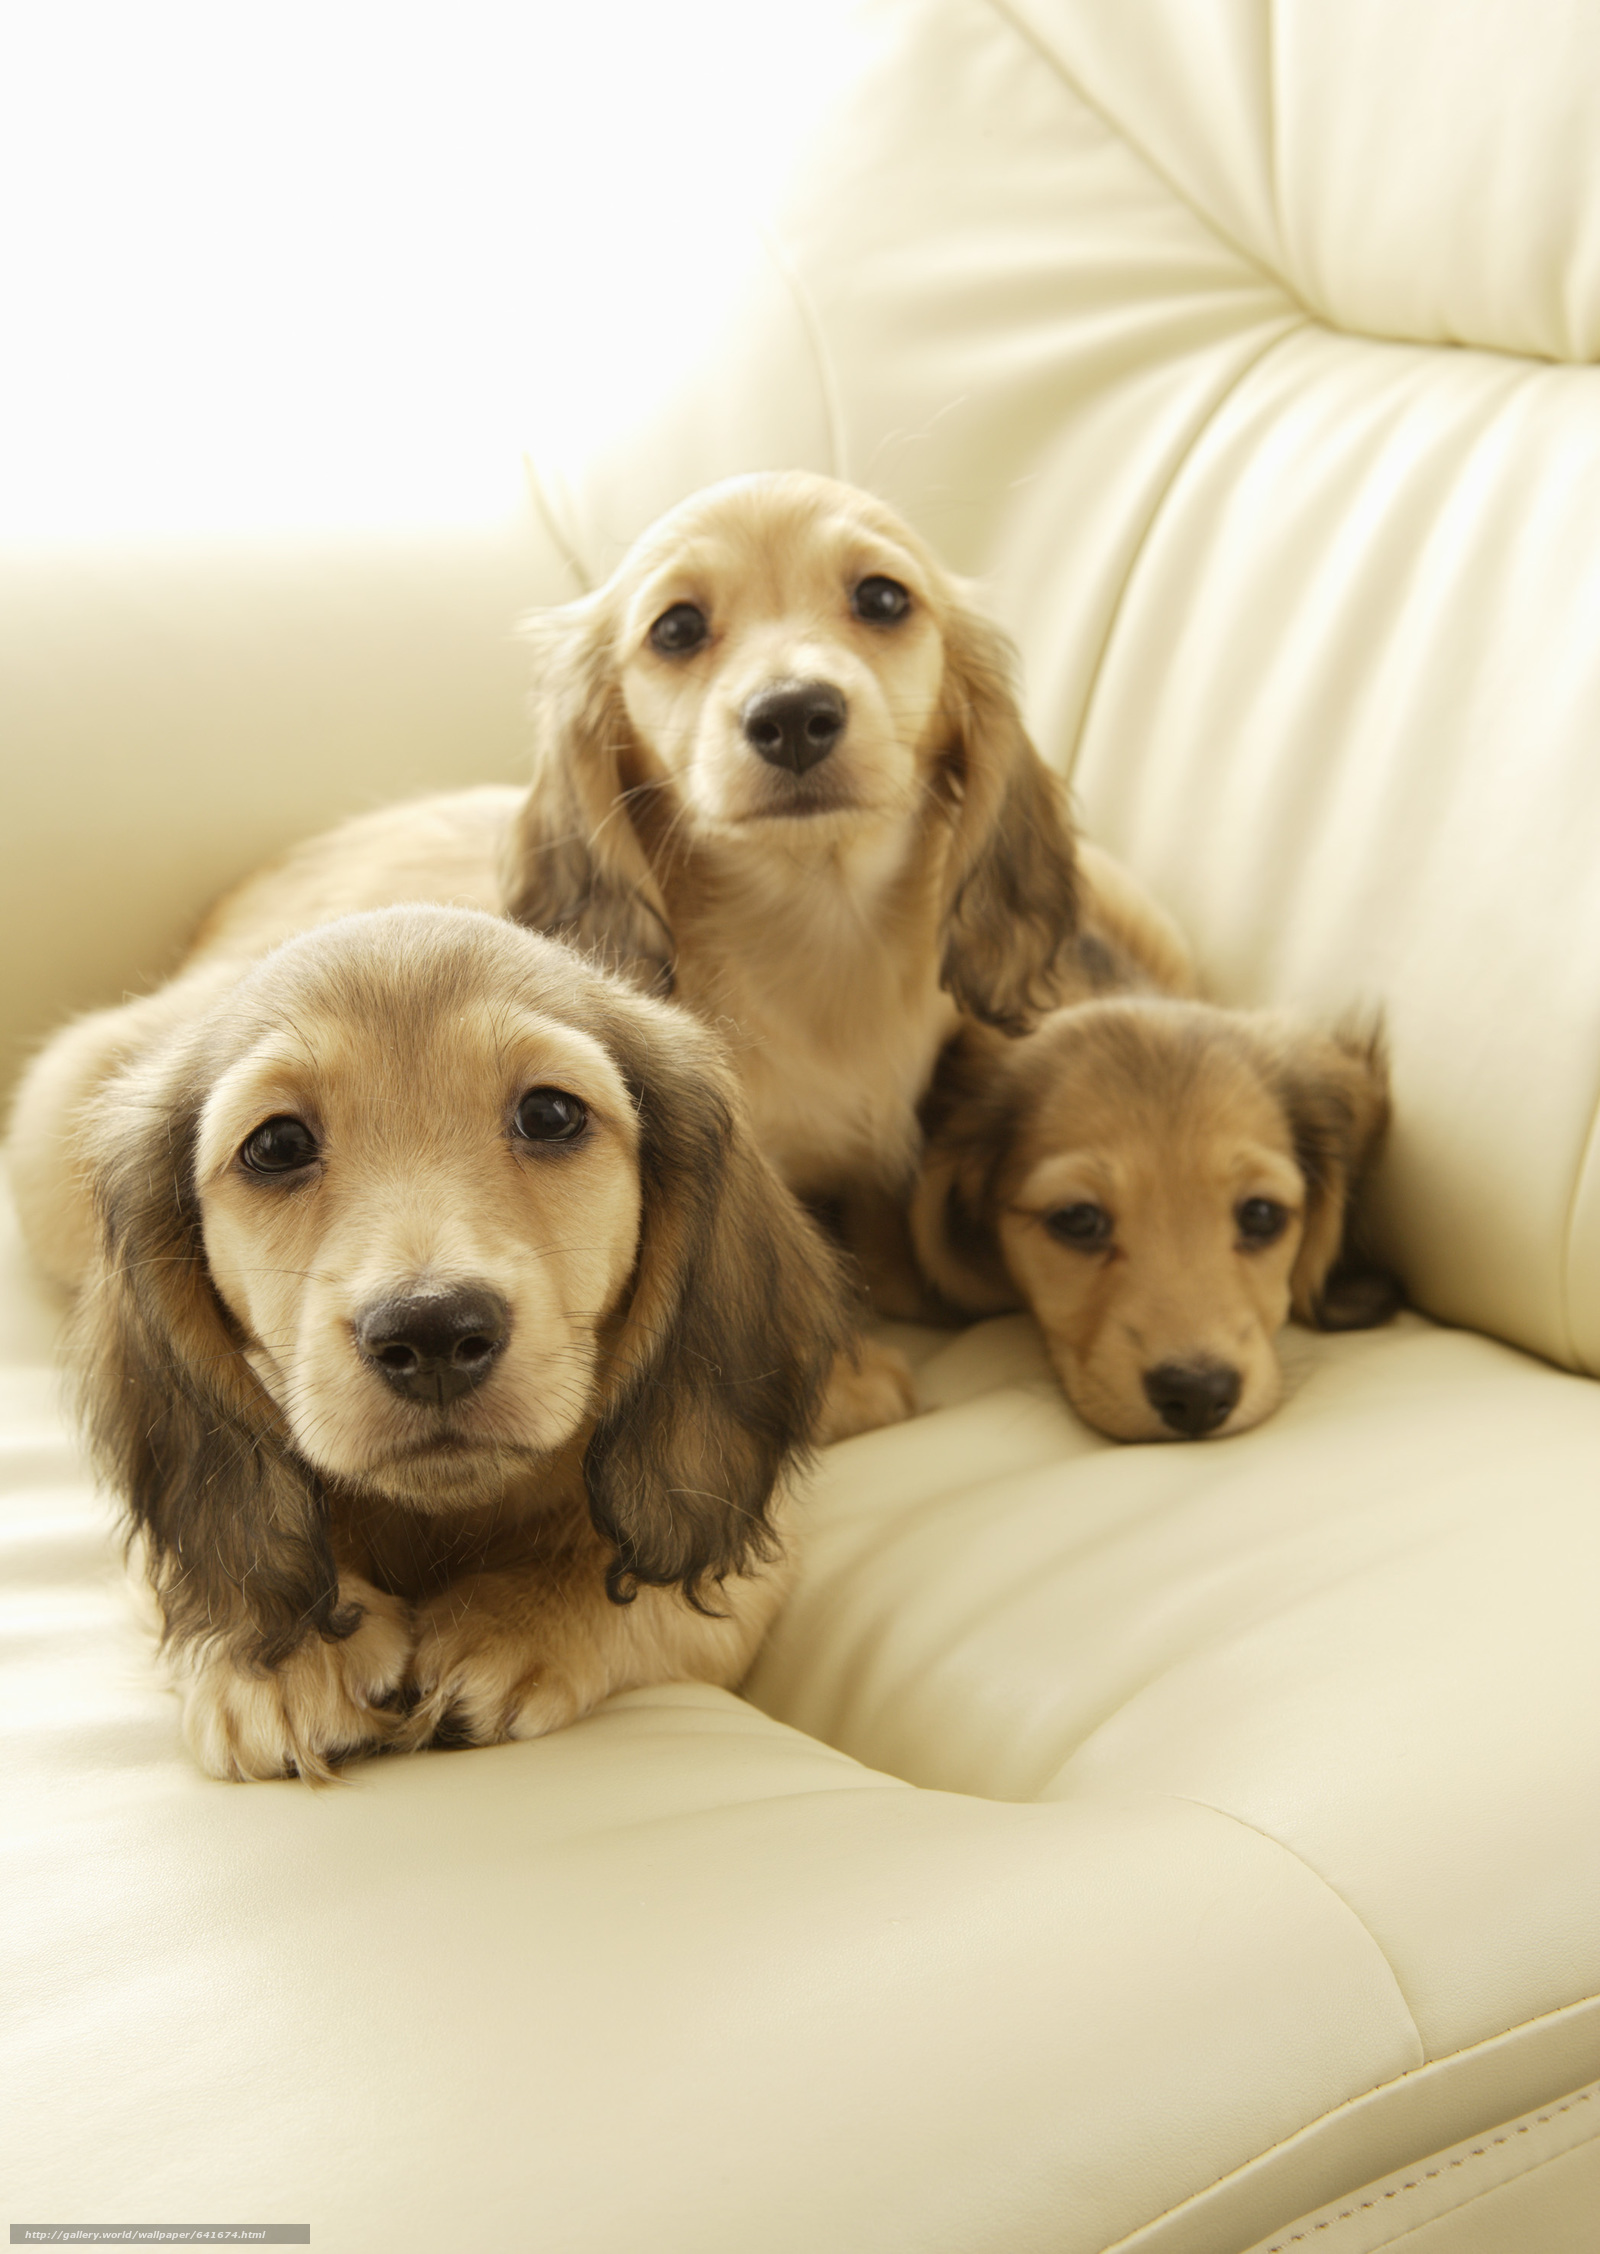 scaricare gli sfondi Cane,  cane,  cane,  cucciolo Sfondi gratis per la risoluzione del desktop 2094x2950 — immagine №641674